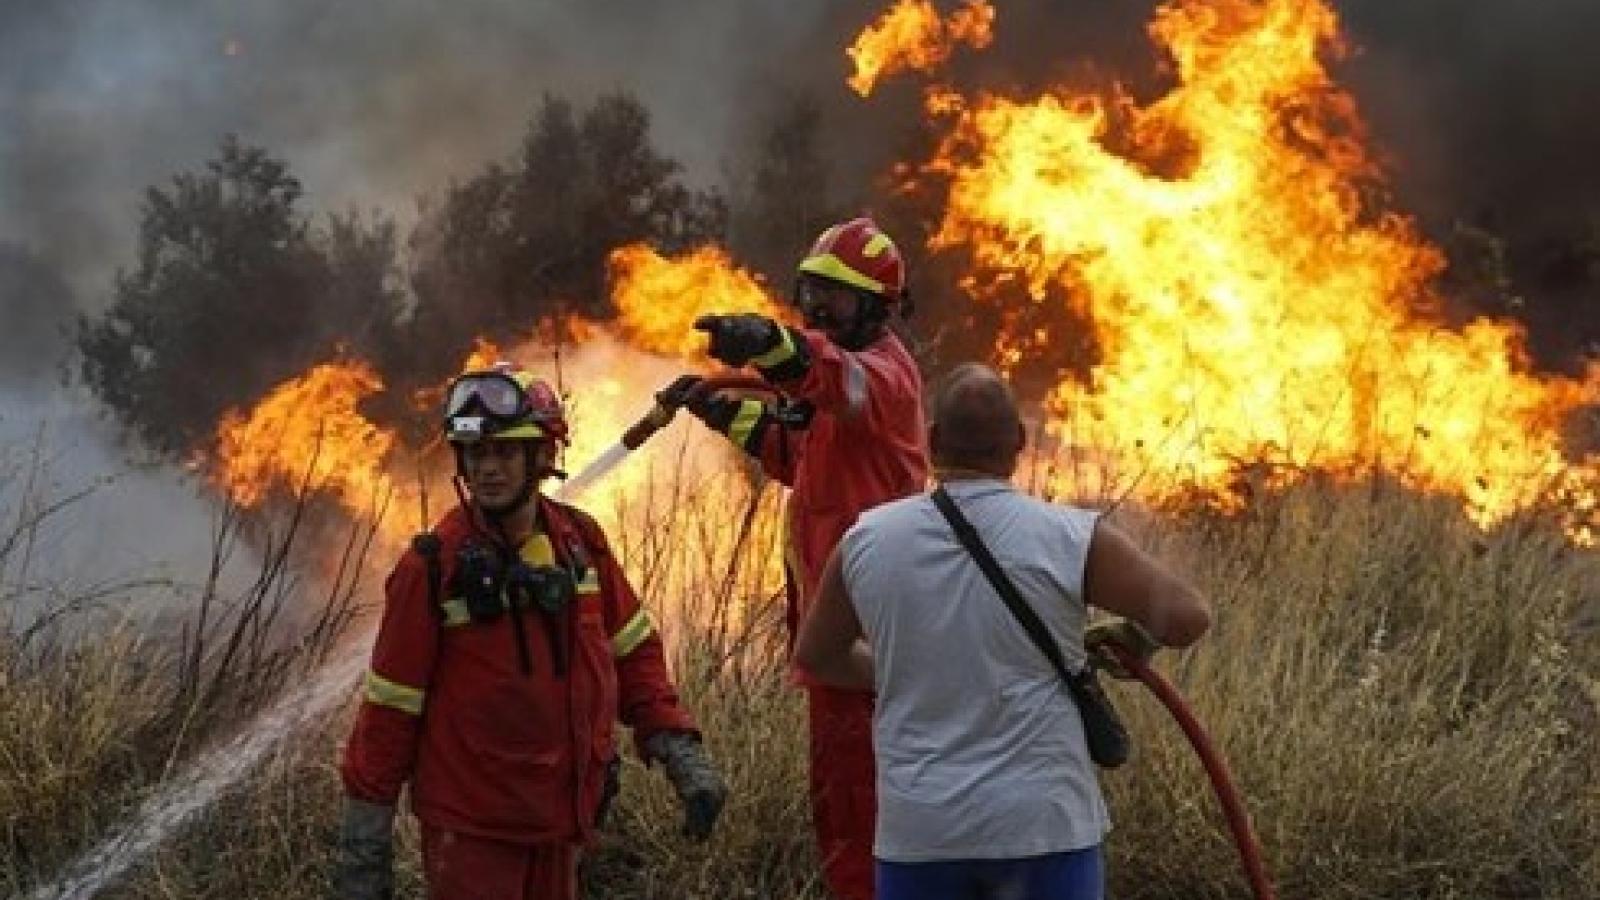 Cháy rừng nghiêm trọng nhất trong lịch sử, Cộng hòaSíp kêu gọi sự hỗ trợ quốc tế